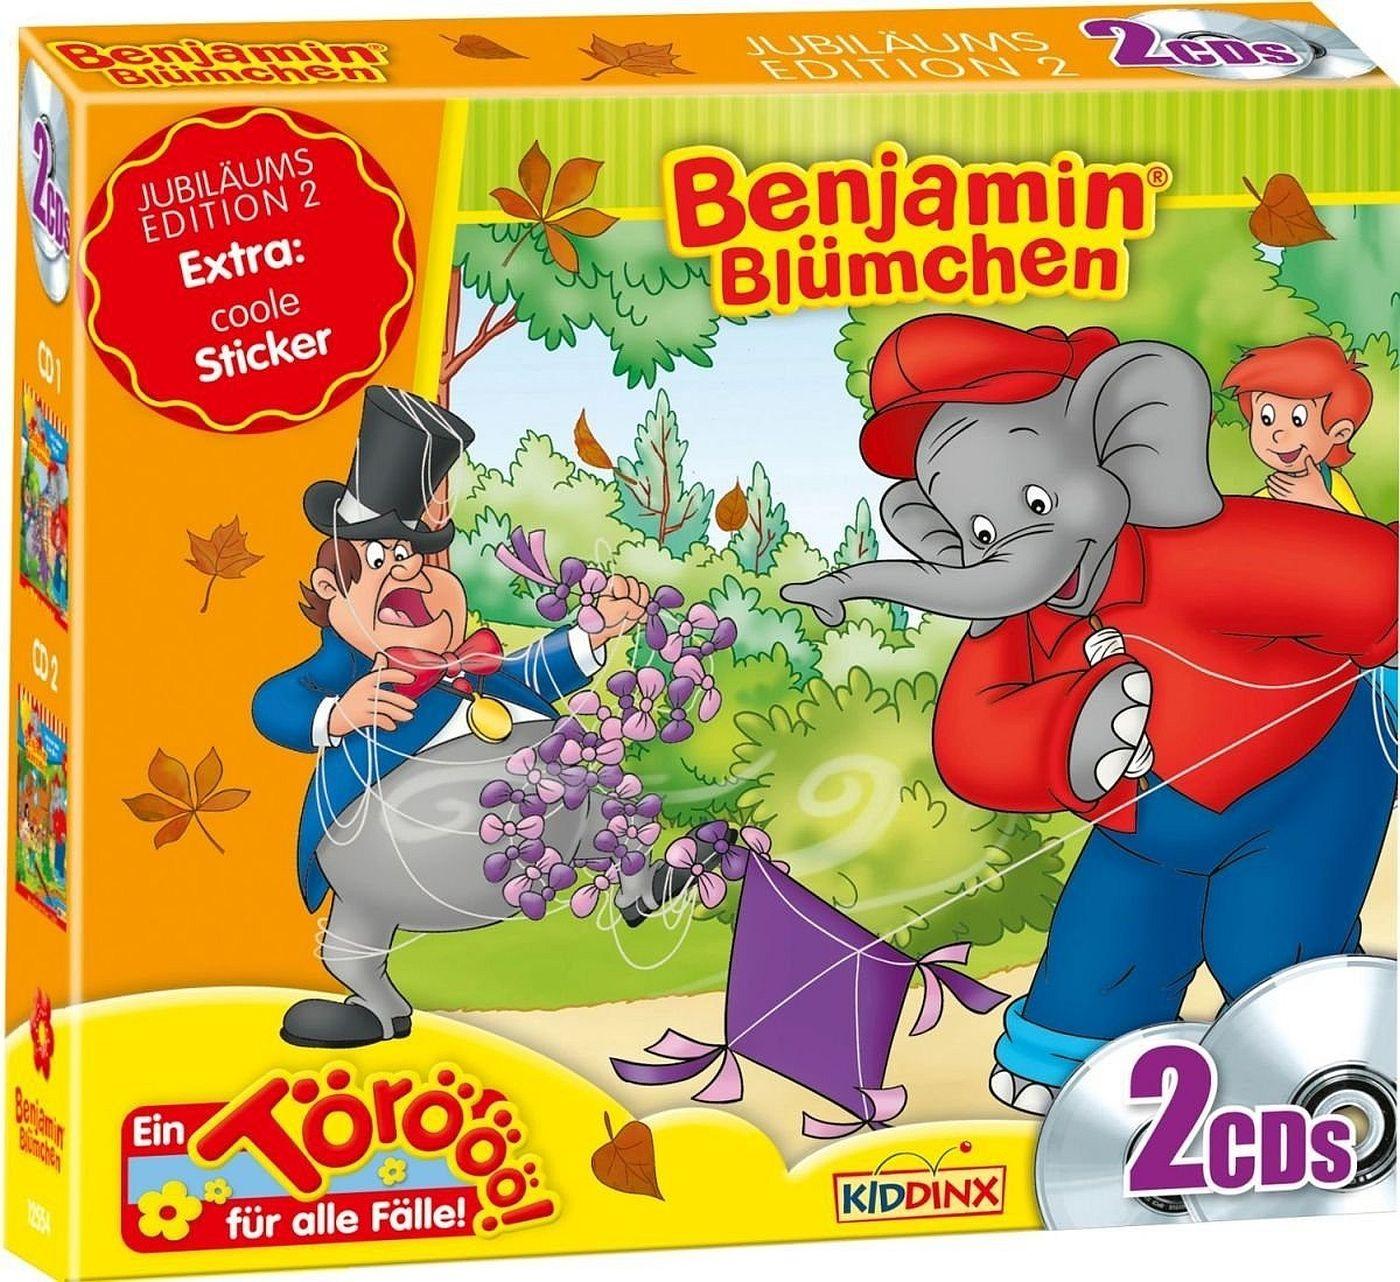 Benjamin Blümchen - Ein Törööö Für Alle Fälle 2